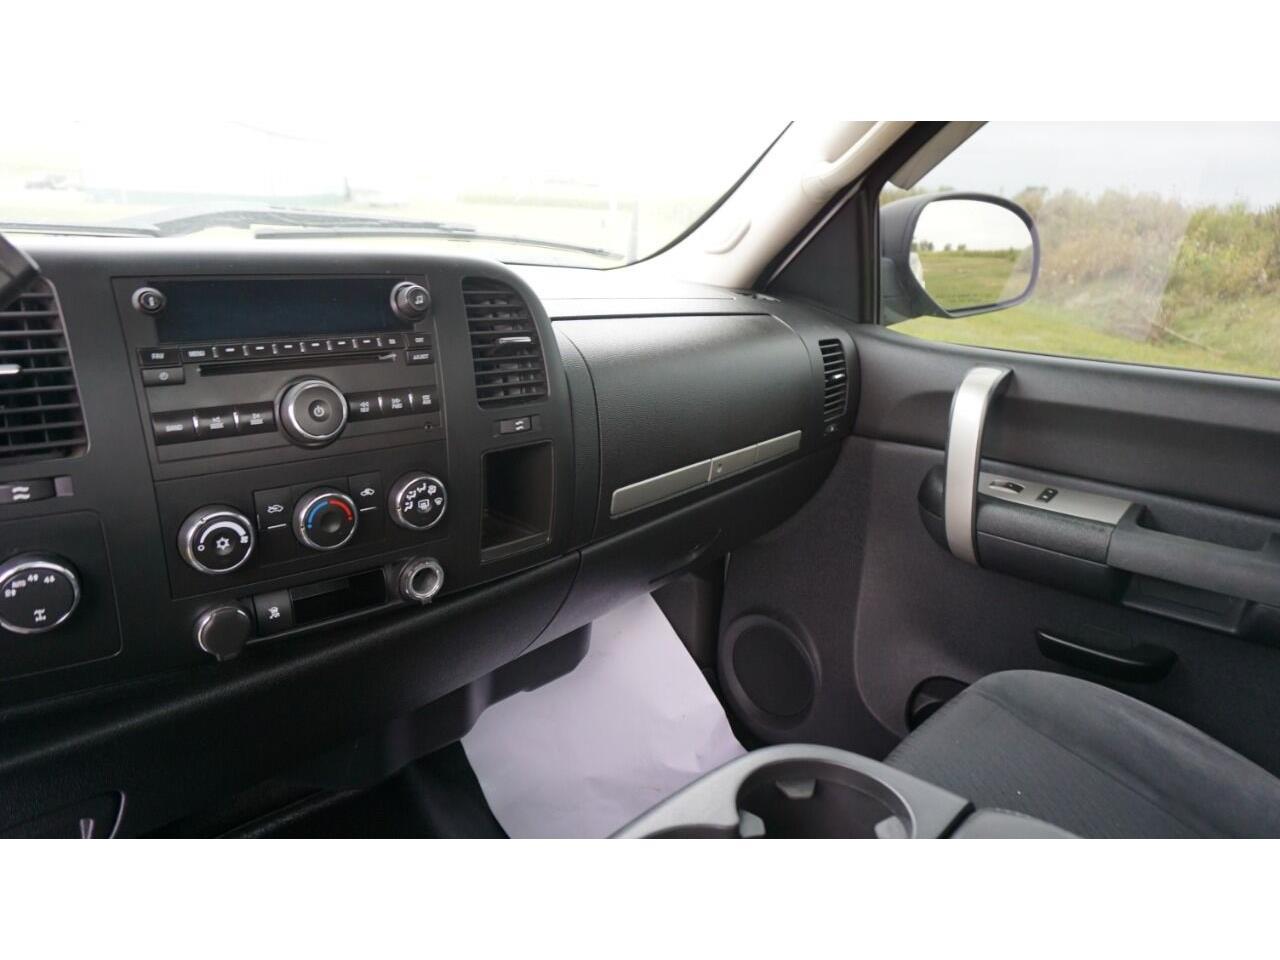 2009 Chevrolet Silverado (CC-1387182) for sale in Clarence, Iowa